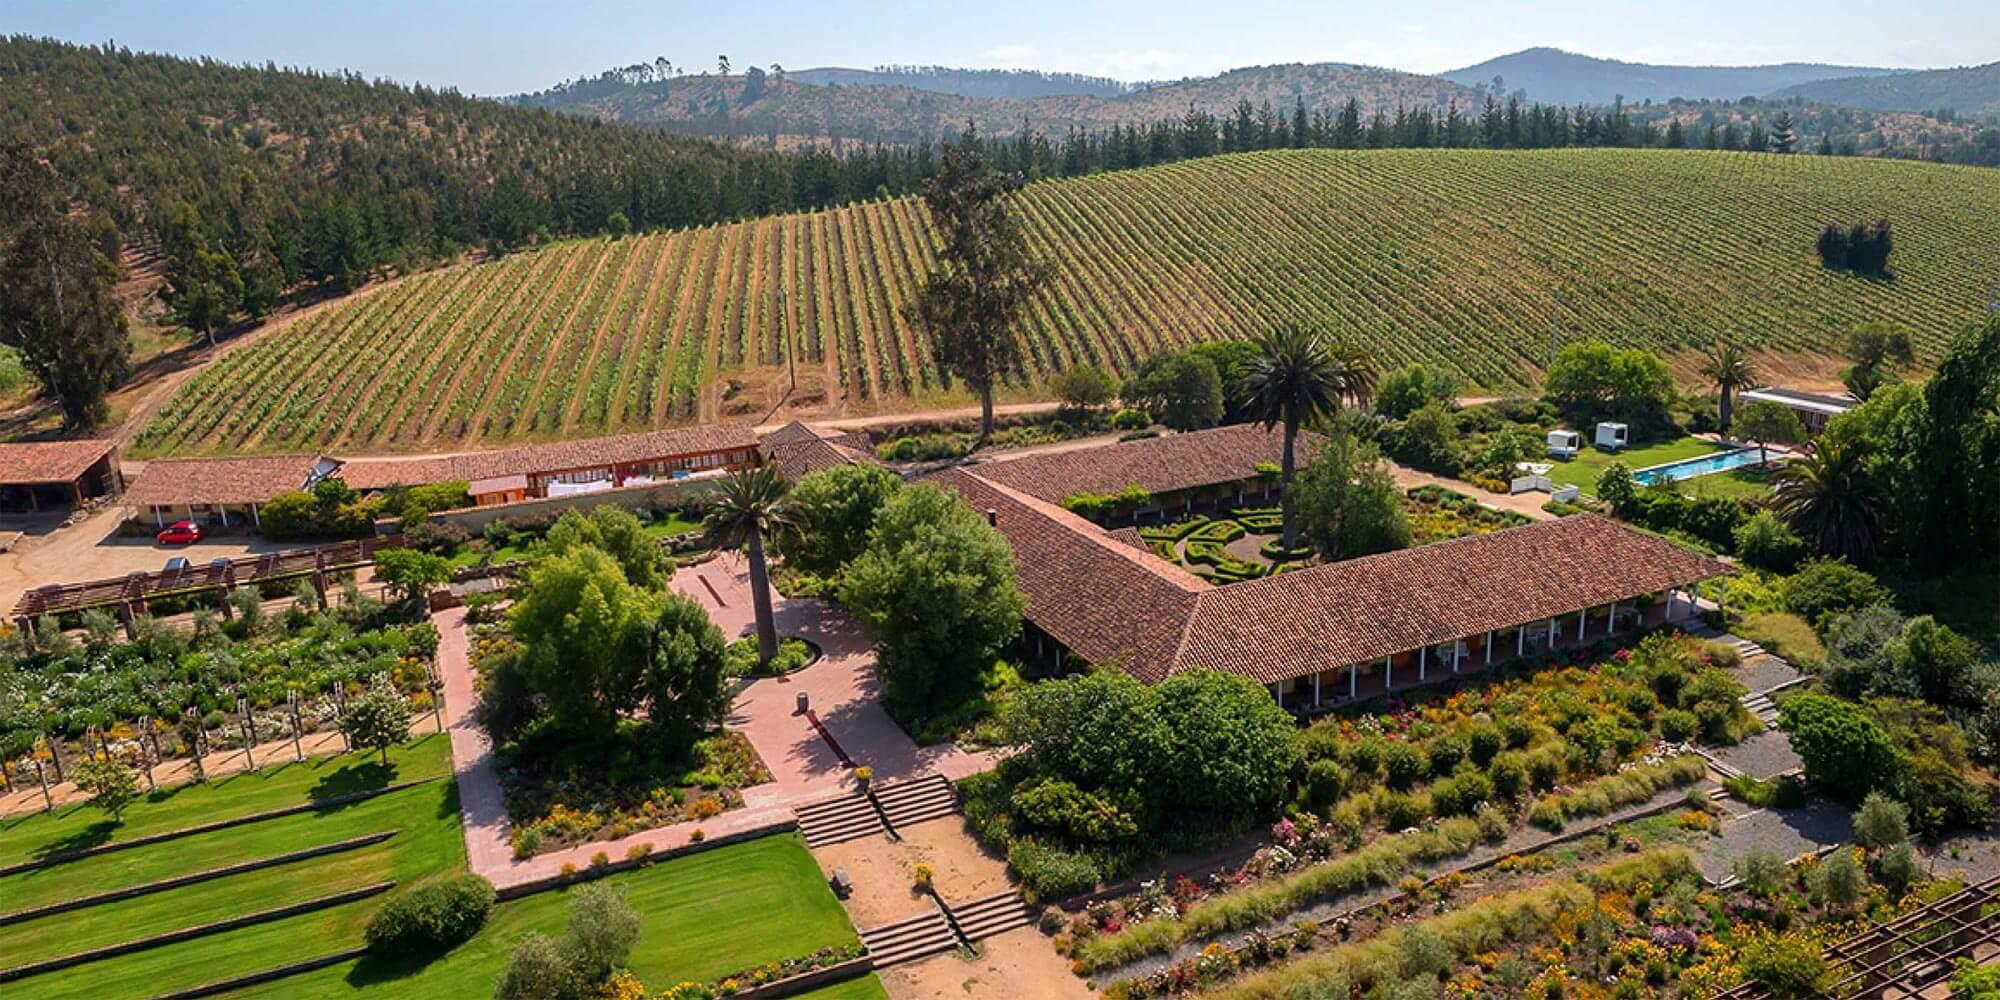 la-casona-vineyard-casablanca-valley